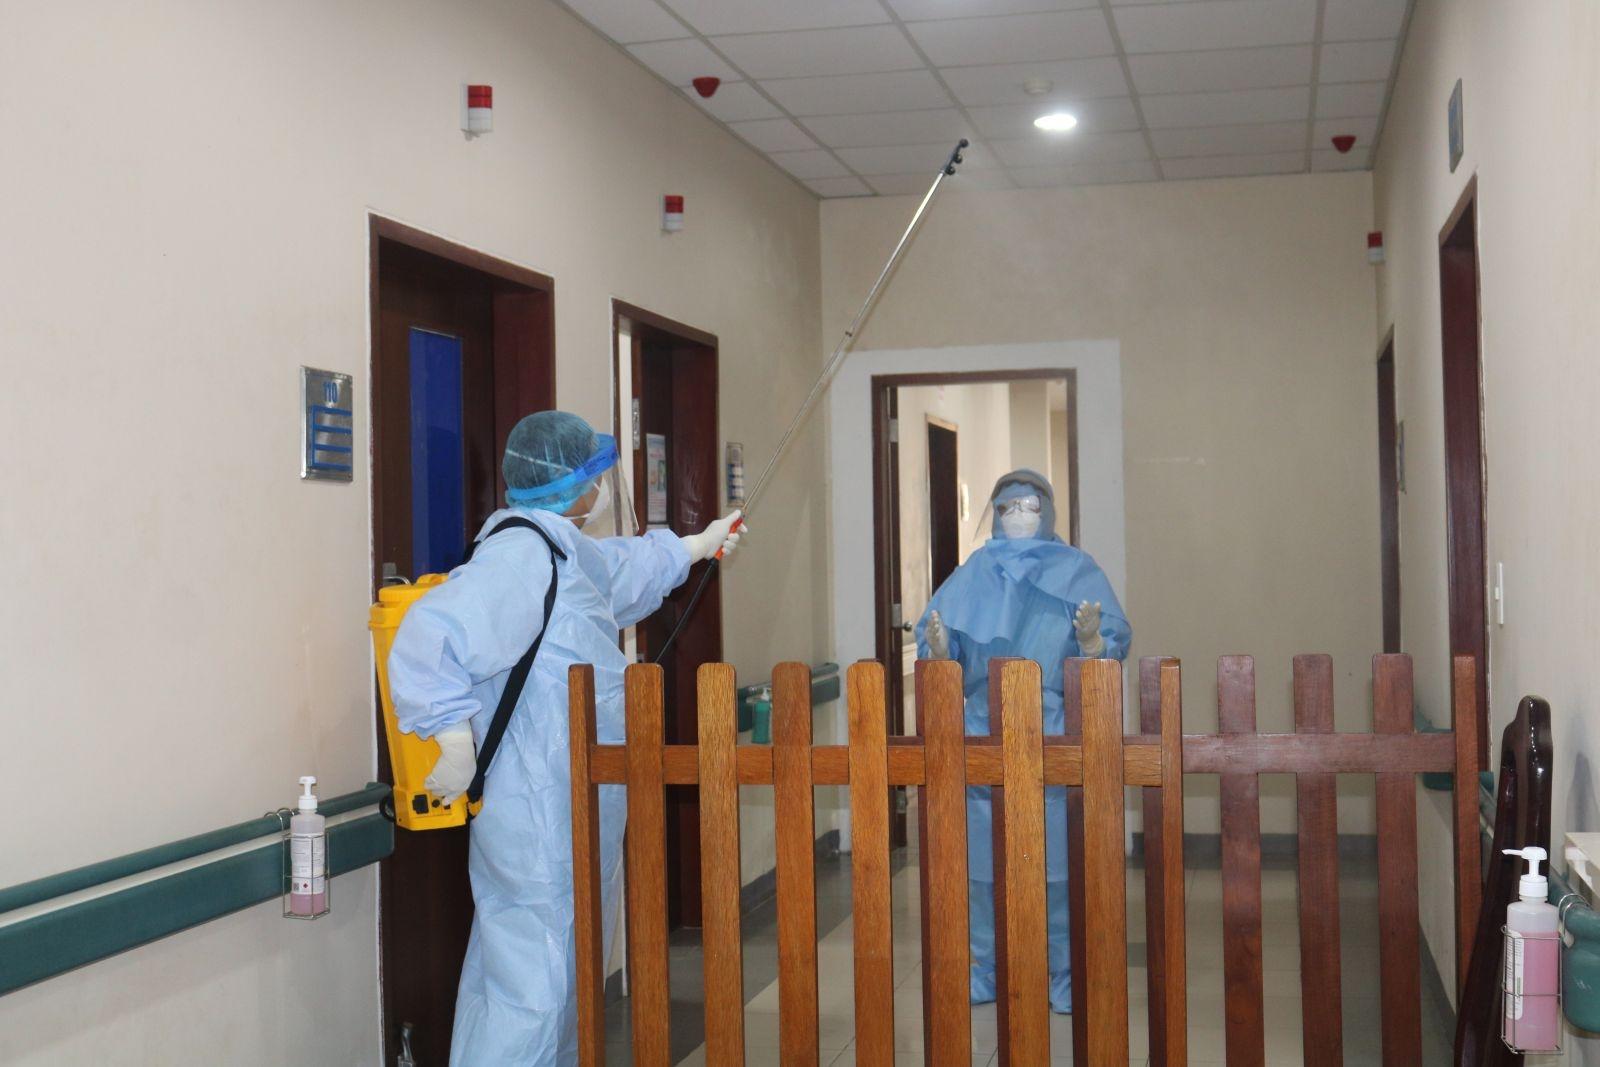 Công khai ngay thông tin chi tiết của 3 bệnh nhân vừa được chữa khỏi Covid-19, xuất viện ở Đà Nẵng 0